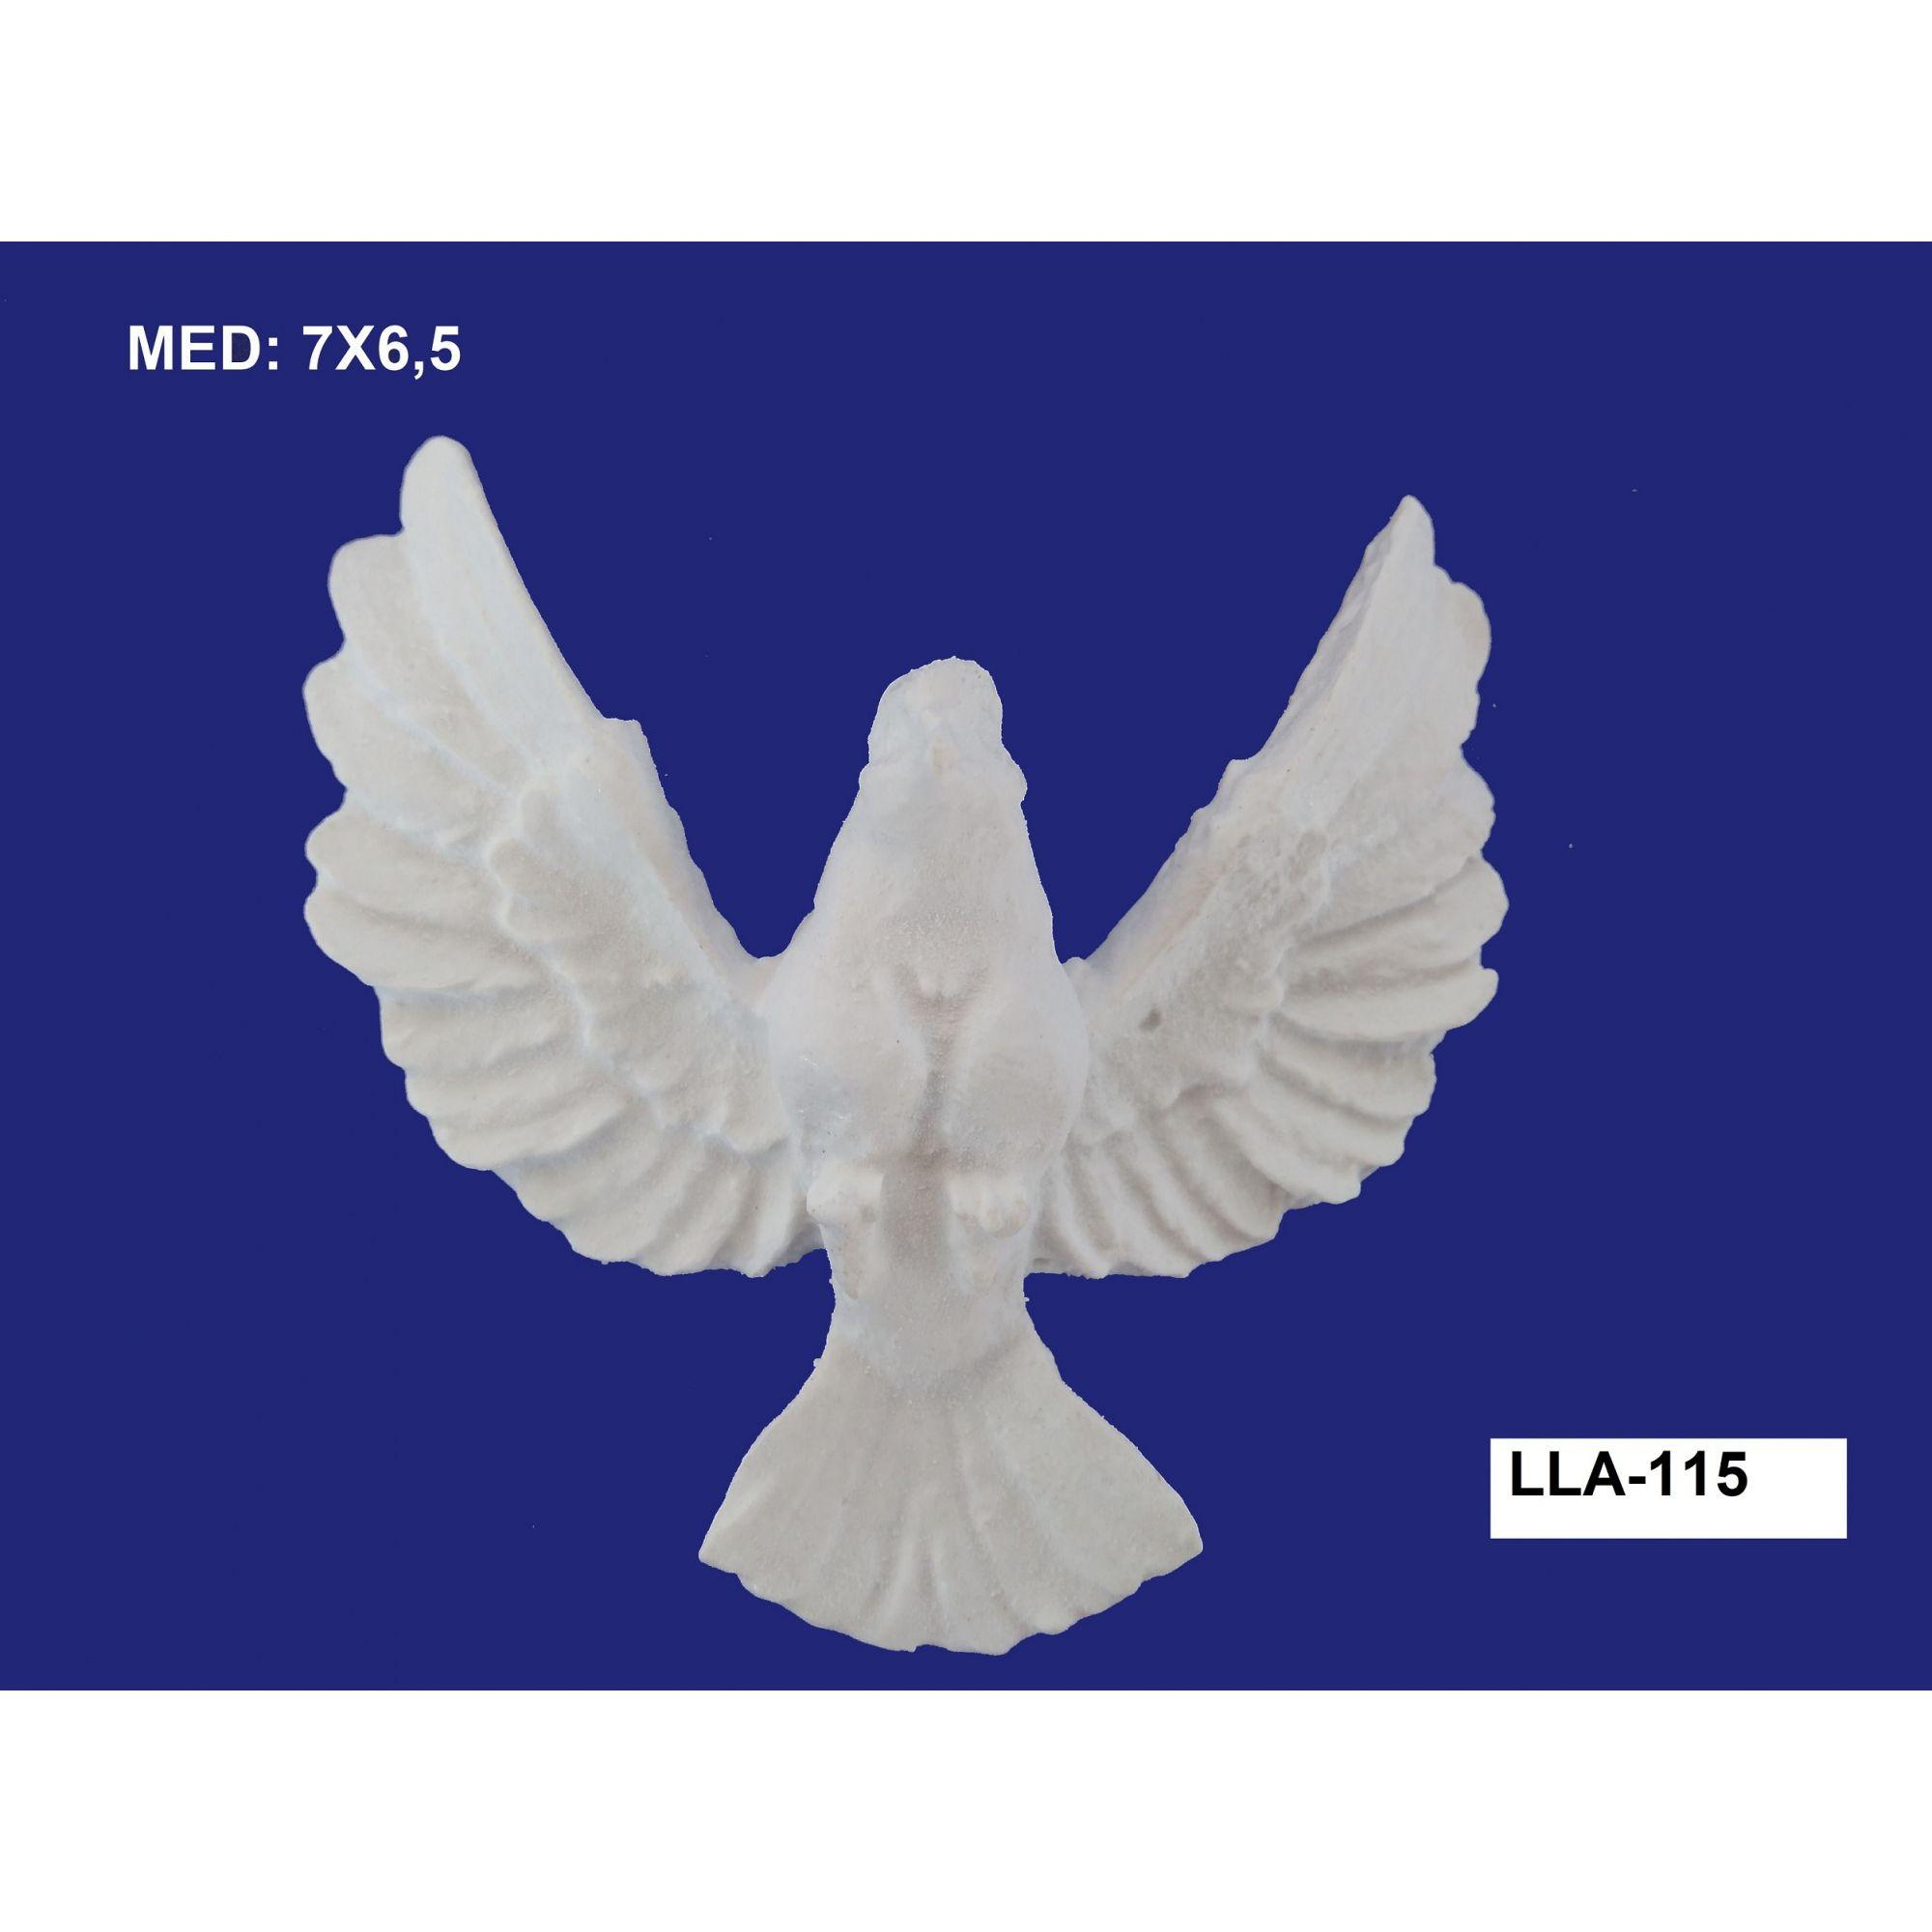 LLA-115 APLIQUE DIVINO 07x6,5CM